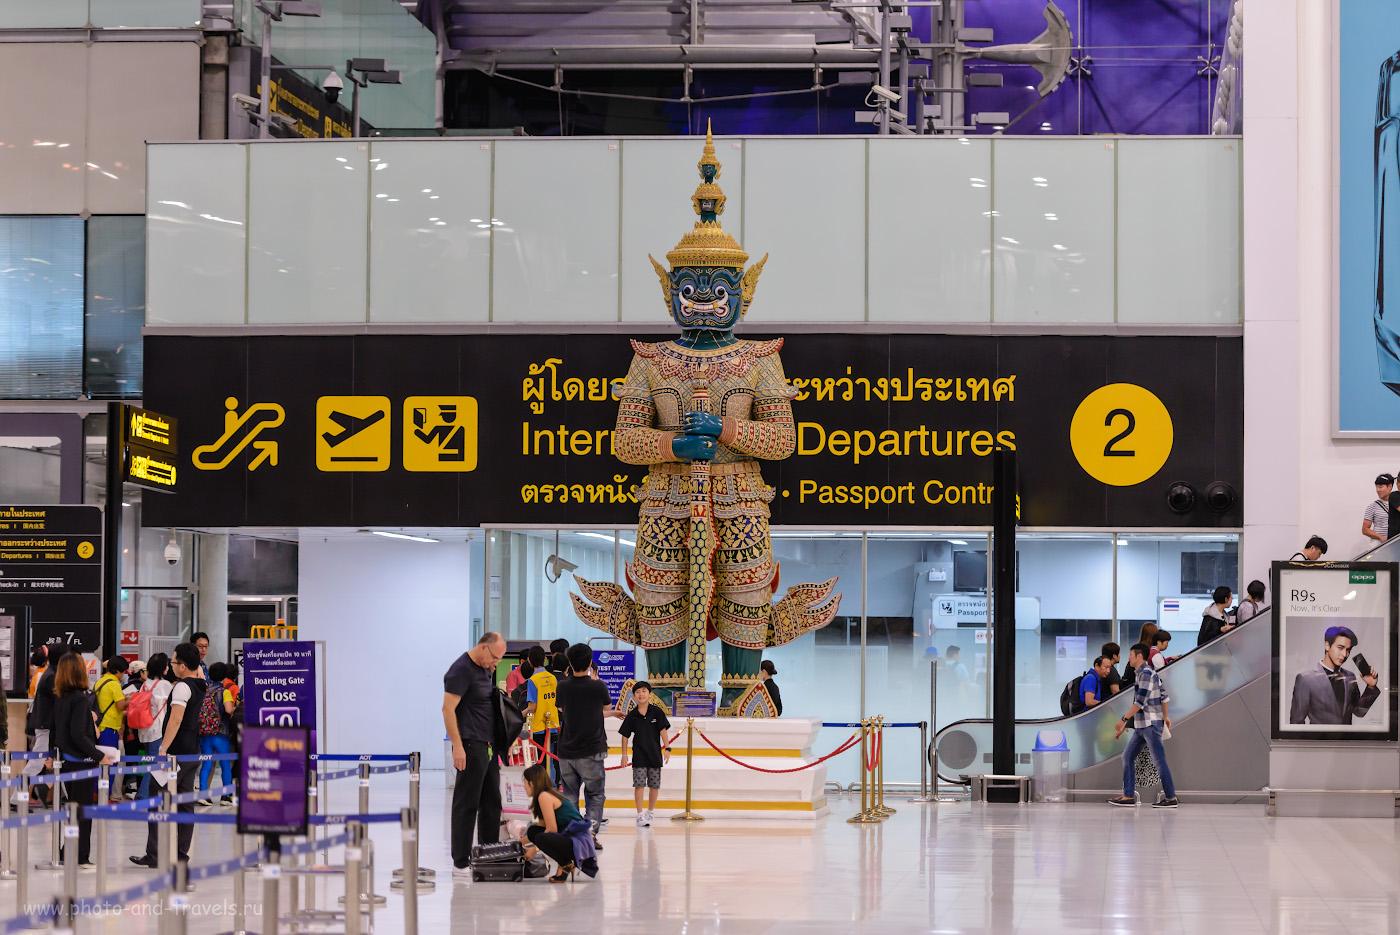 Фото 32. Божество в зале вылета аэропорта «Суварнабхуми» в Бангкоке. Таких «монстров» можно увидеть во многих храмах Таиланда. 1/250, +0.33, 2.8, 2000, 112.